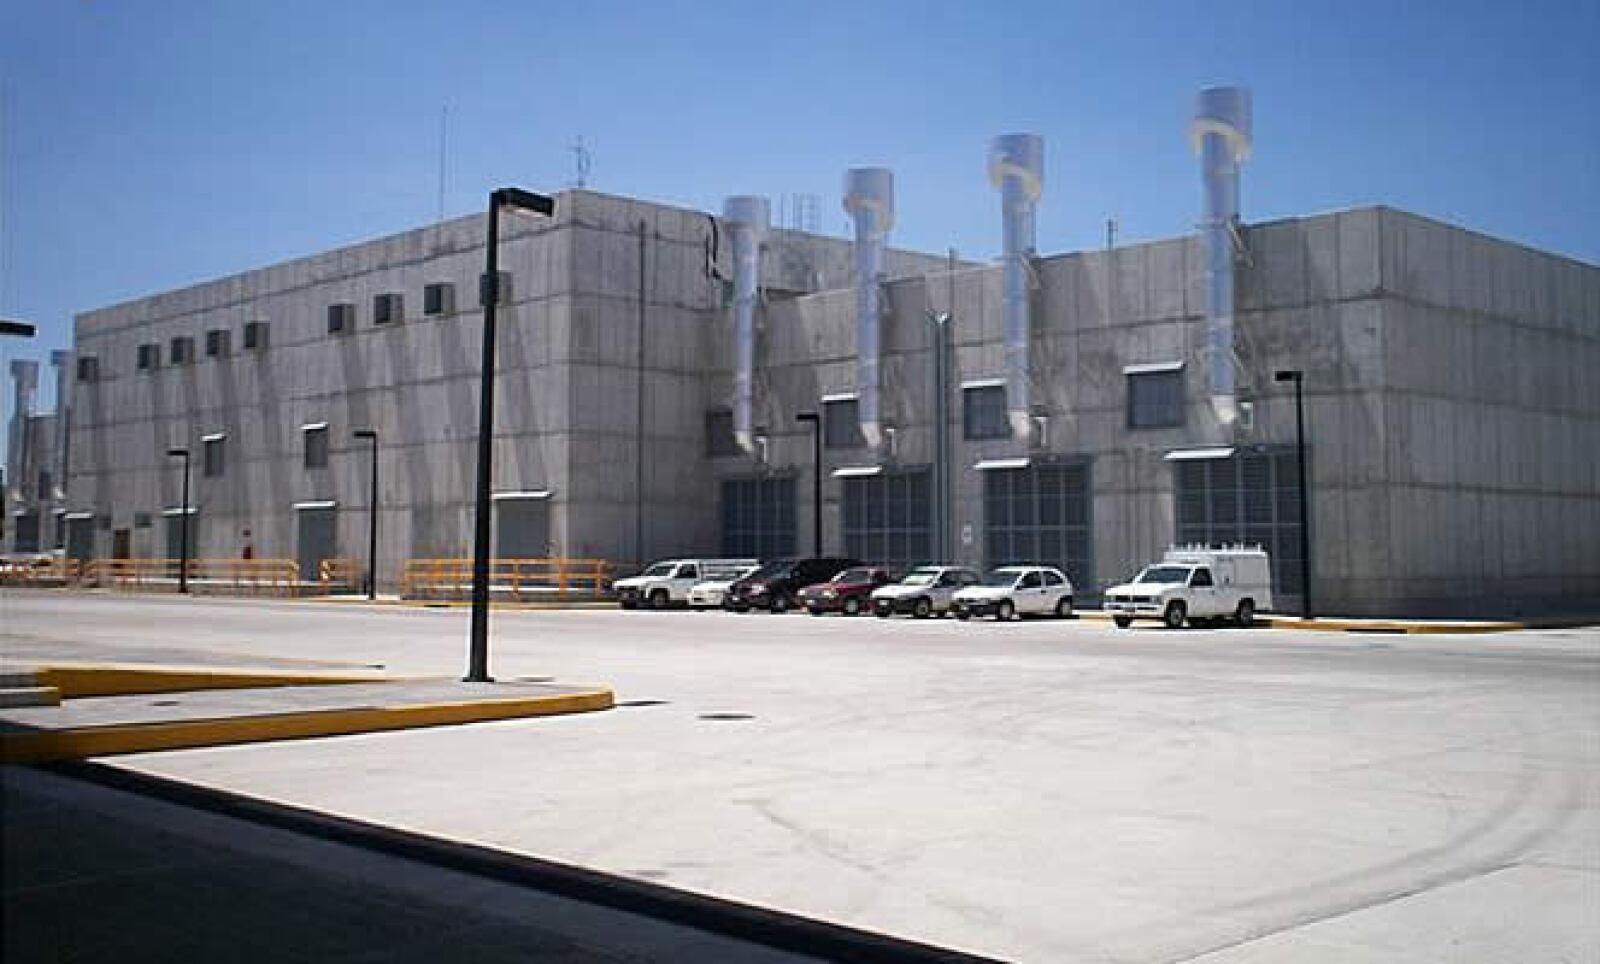 El centro de datos fue construido donde antiguamente habían talleres de ferrocarriles y fundidoras de hierro.